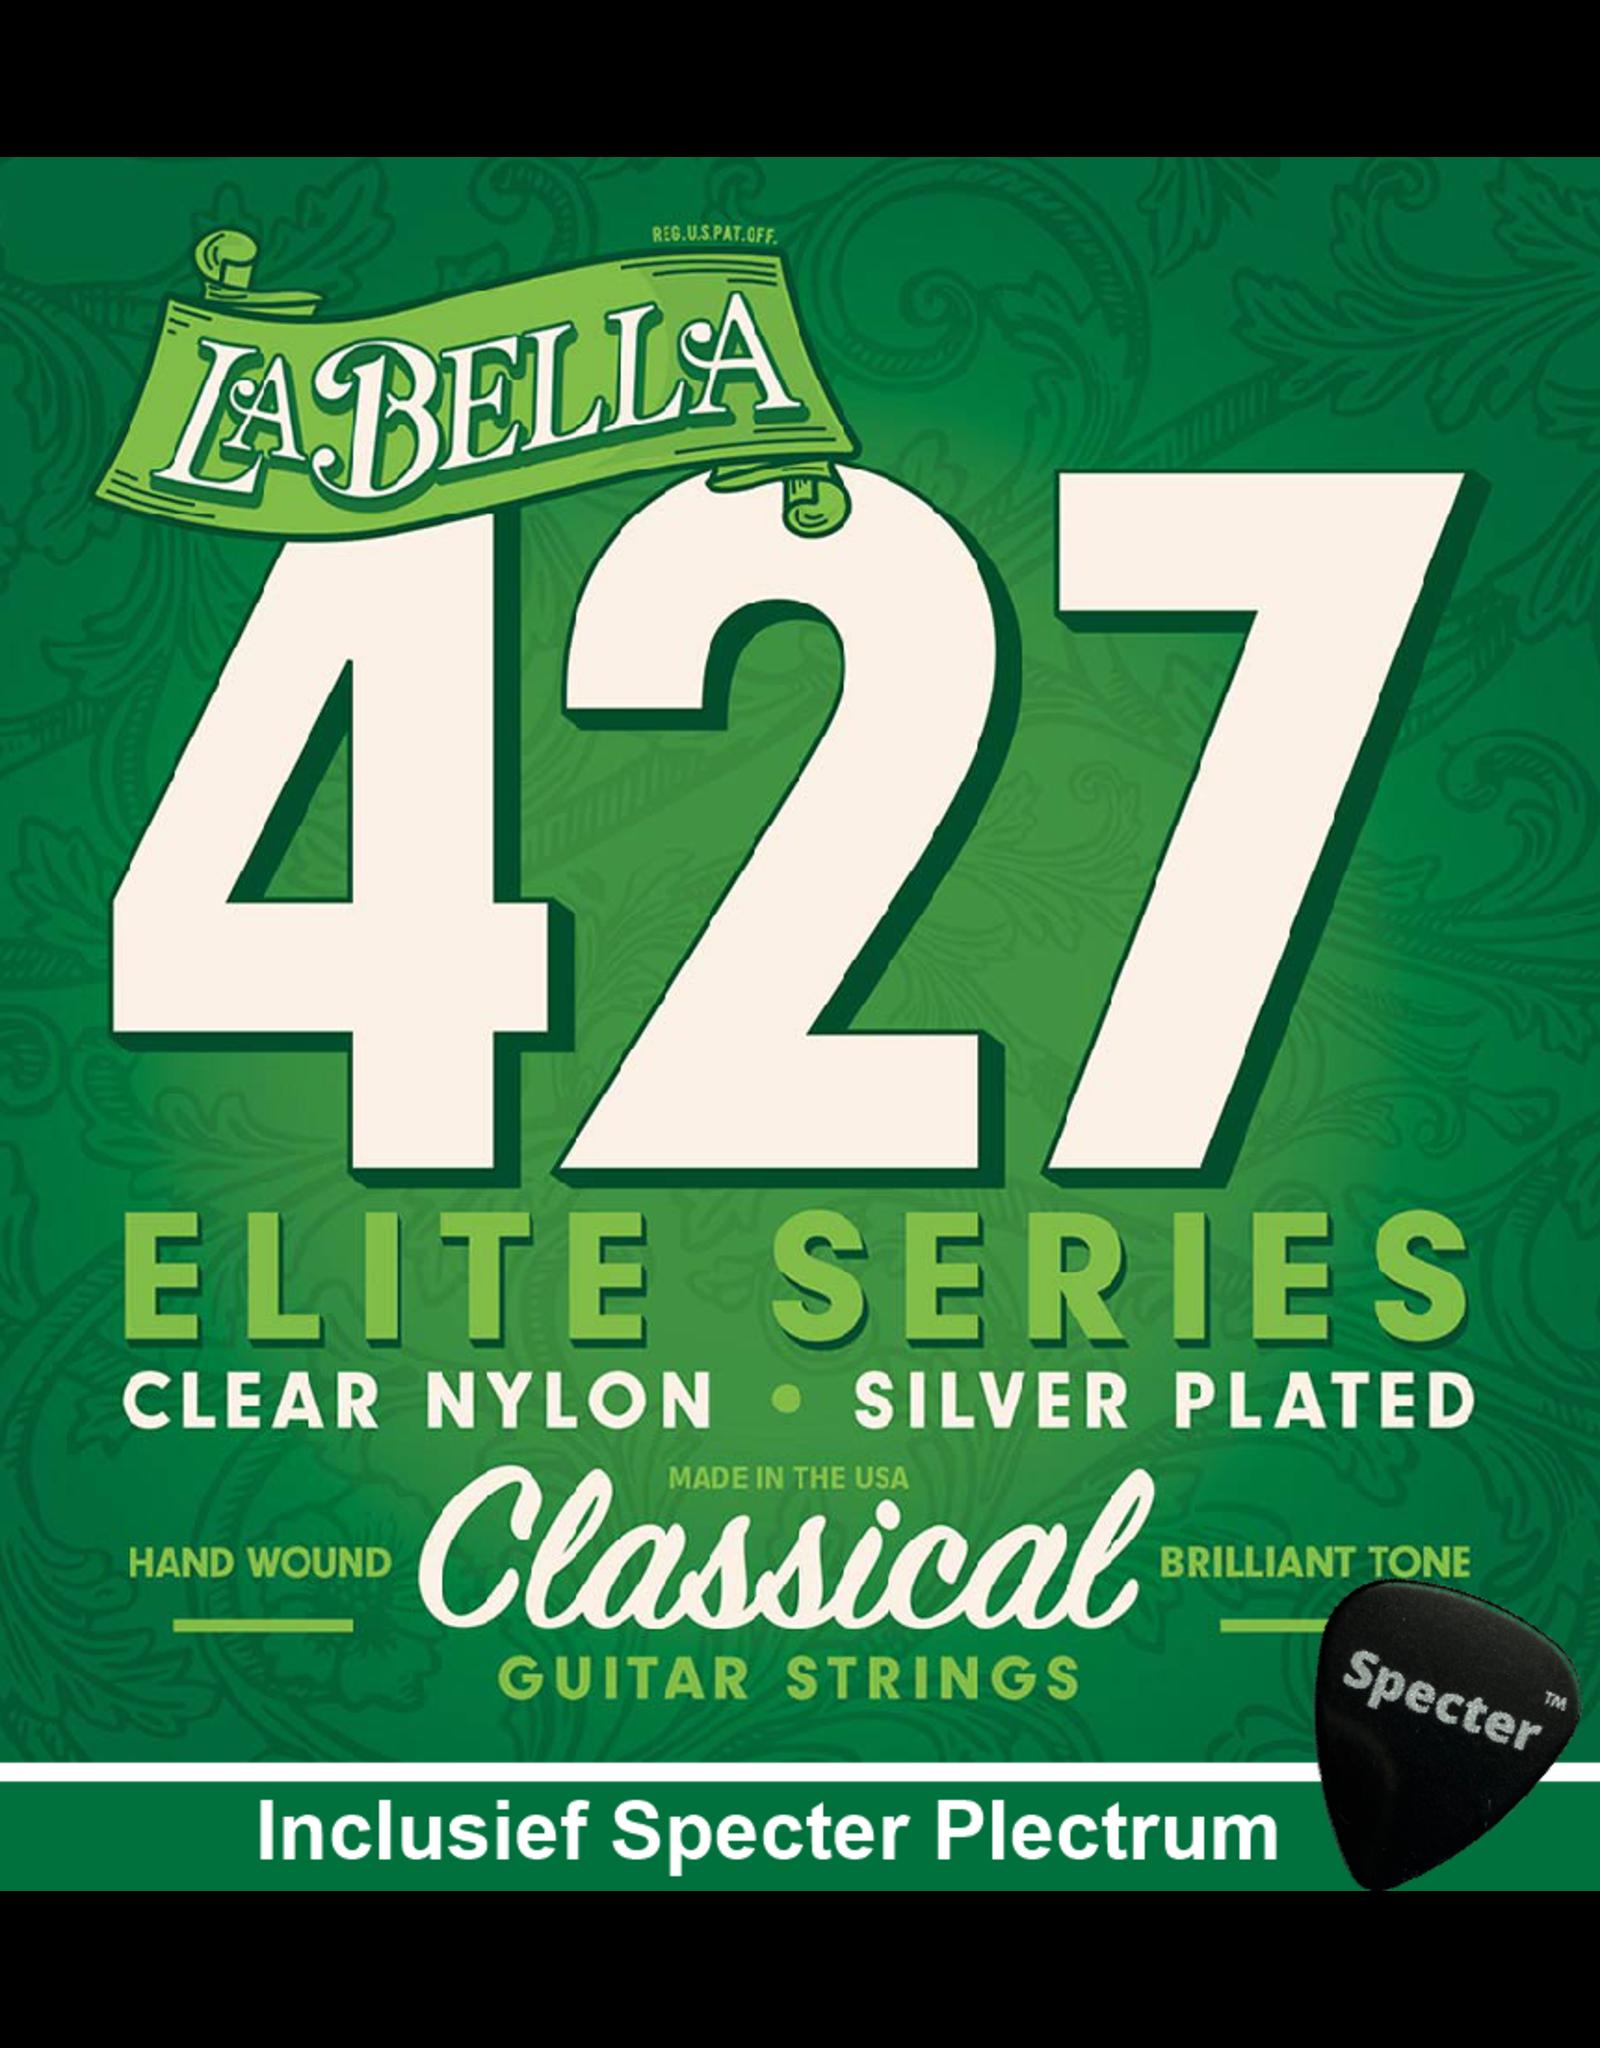 La Bella La Bella Pro Elite Gitaarsnaren Voor De Klassieke Gitaar Met Specter Plectrum   Snarenset   Klassiek   Nylon